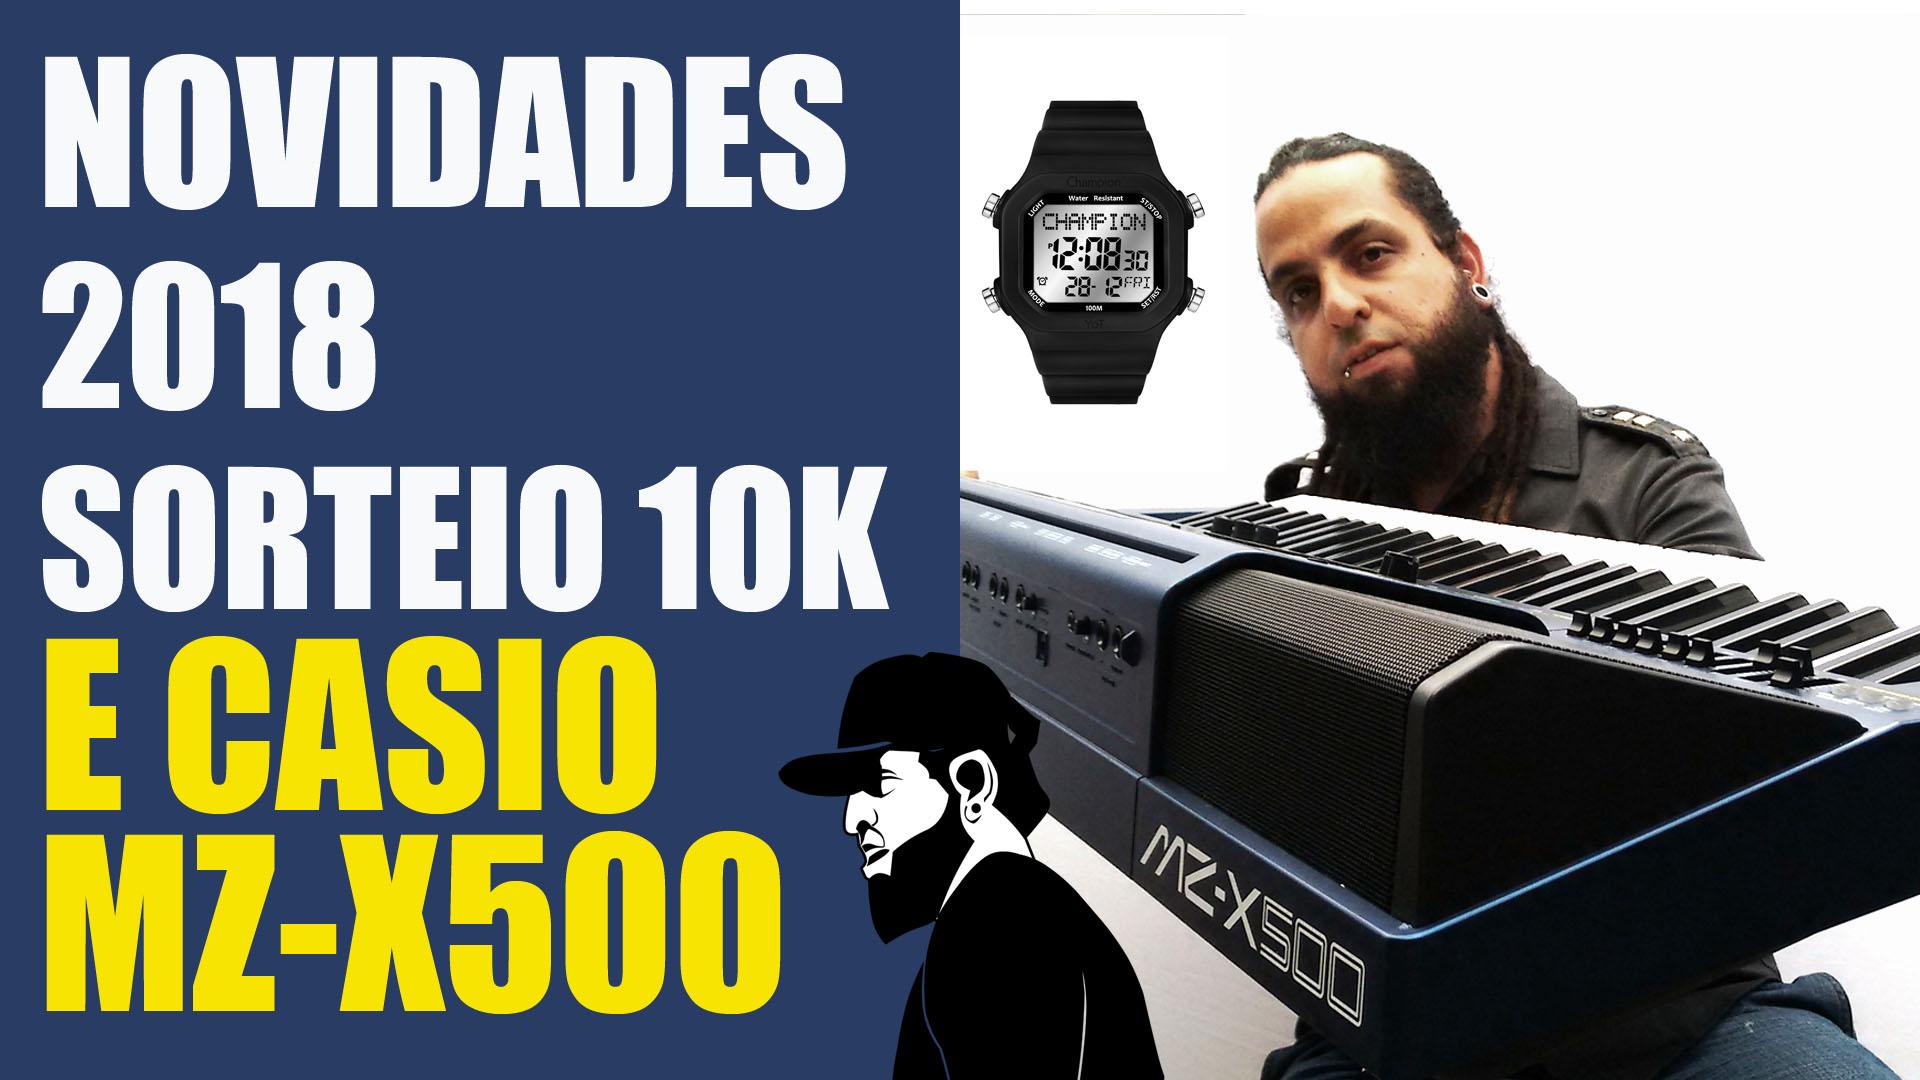 Novidades 2018 – Casio MZ-X500 Tutoriais – Sorteio de 10k Inscritos